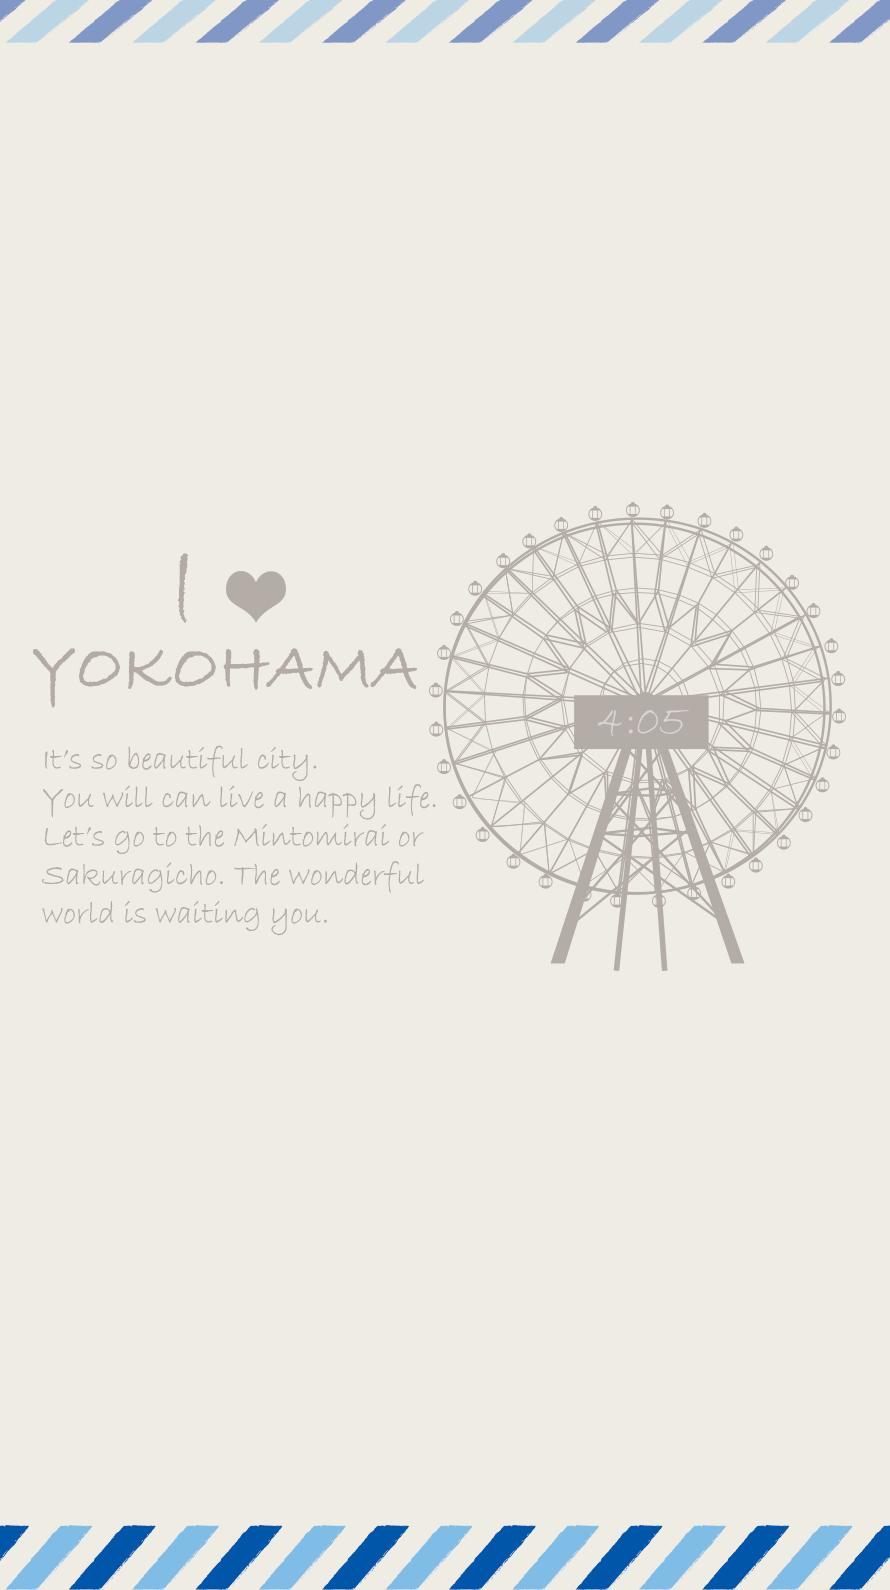 横浜待ち受け画像